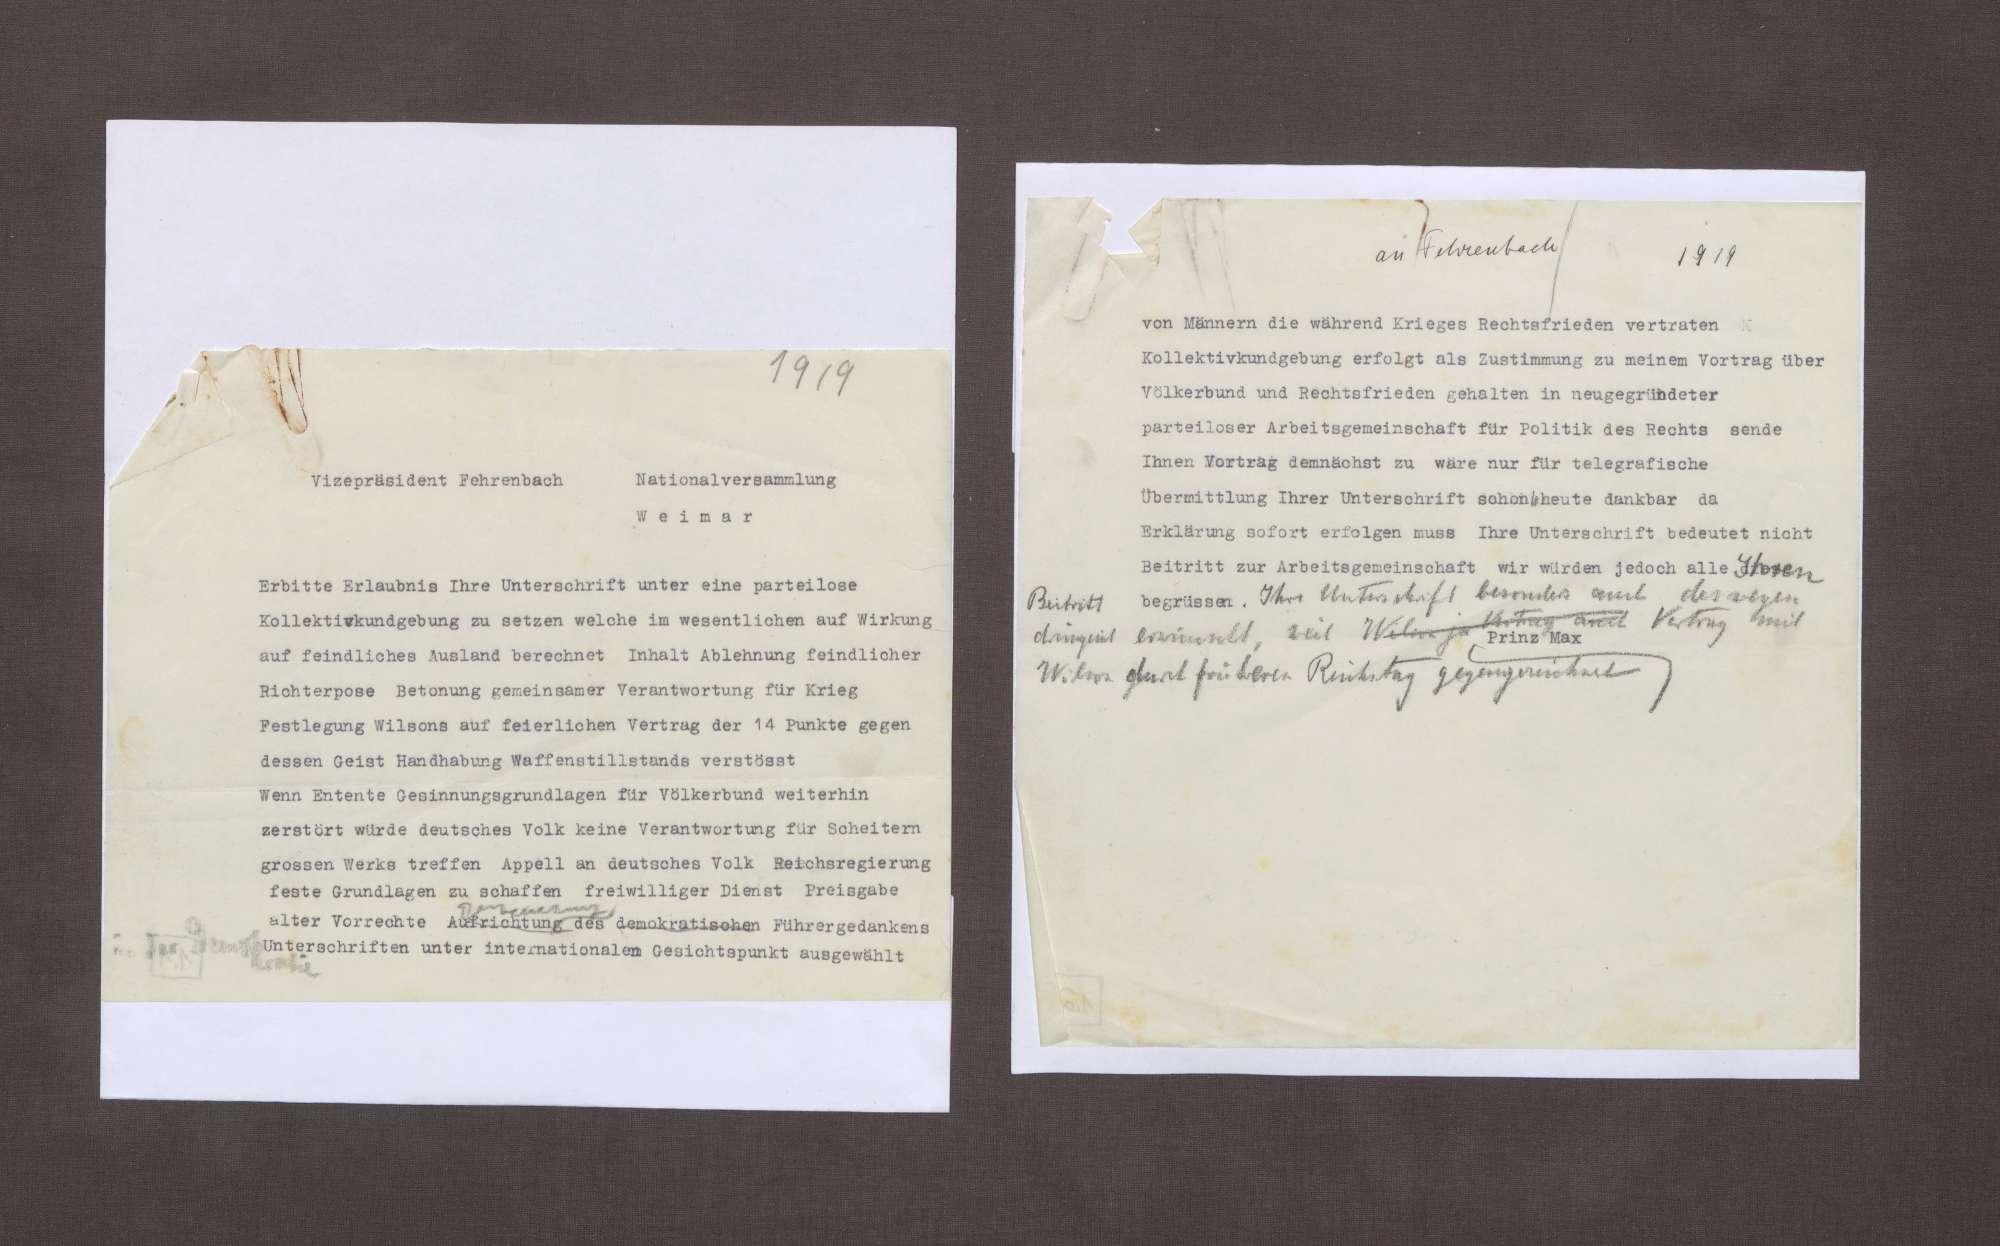 Schreiben von Prinz Max von Baden an Constantin Fehrenbach mit der Bitte, eine Kollektivkundgebung zu unterschreiben, Bild 1